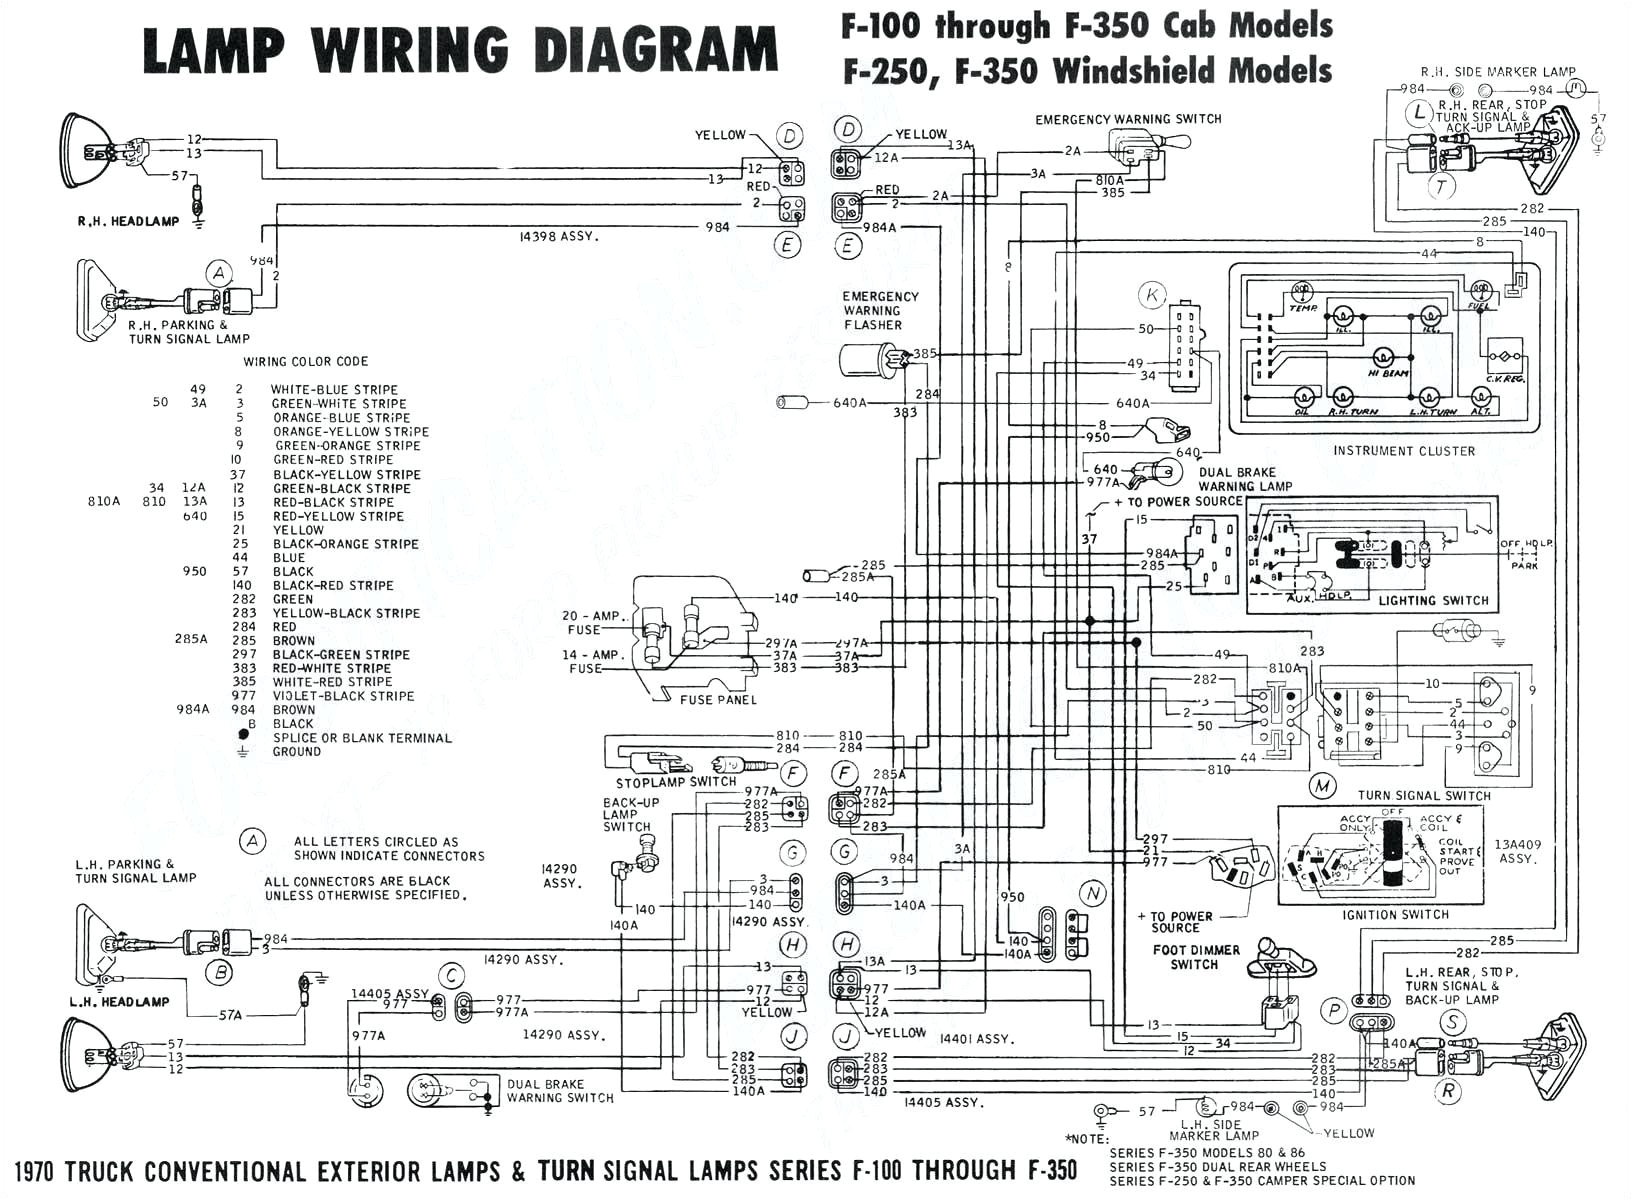 1981 Yamaha Xj650 Wiring Diagram 98 Tahoe Radio Wiring Diagrams Pda Wiring Library